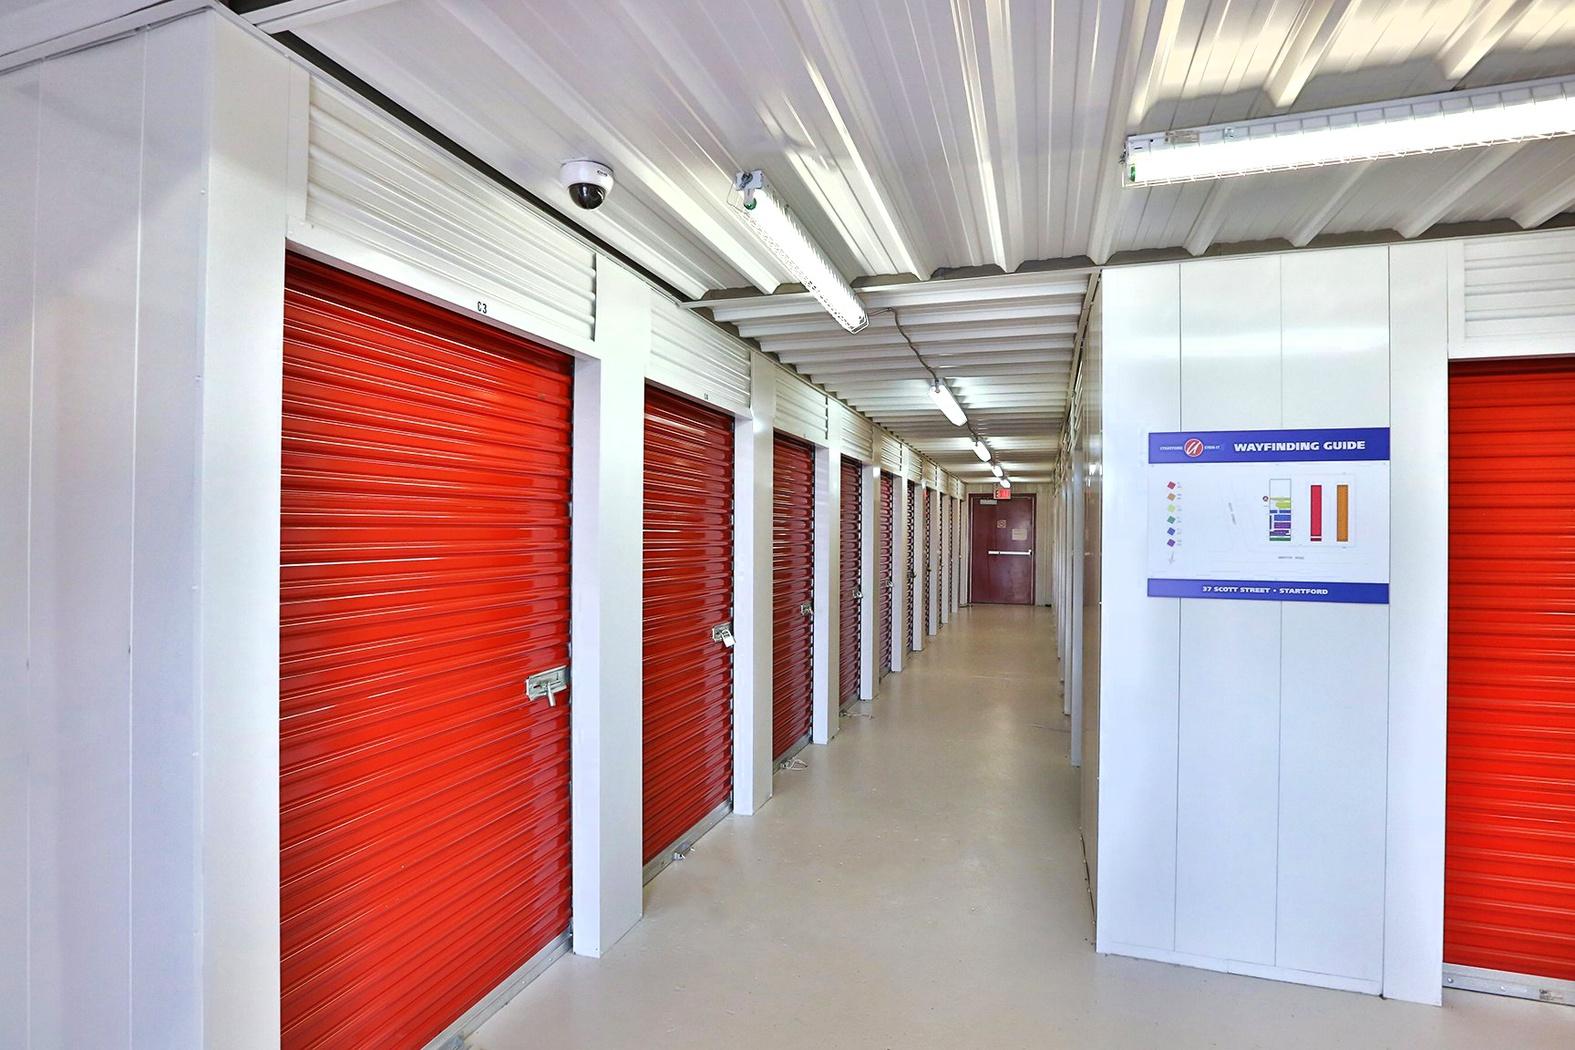 La succursale Access Storage – Stratford, située au 37, rue Scott, a la solution d'entreposage en libre-service qu'il vous faut. Réservez dès aujourd'hui!